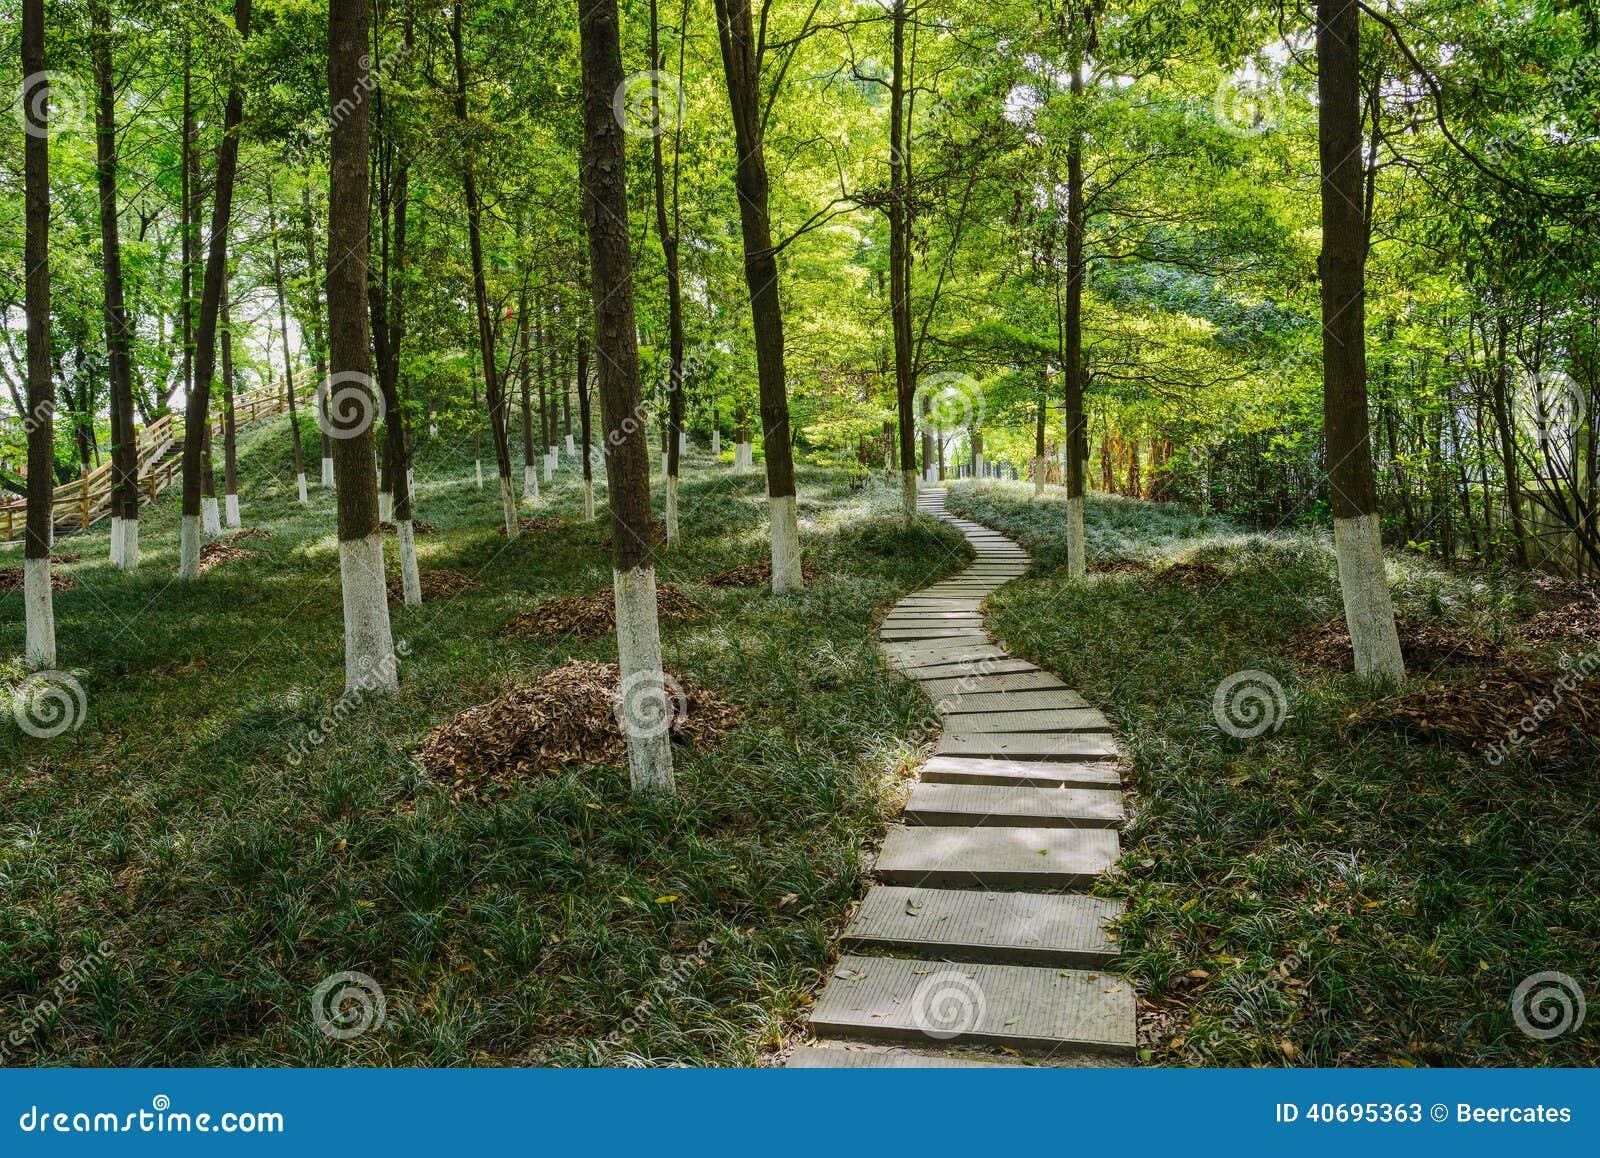 chemin de dalle en bois verdoyants image stock image du trottoir arbuste 40695363. Black Bedroom Furniture Sets. Home Design Ideas